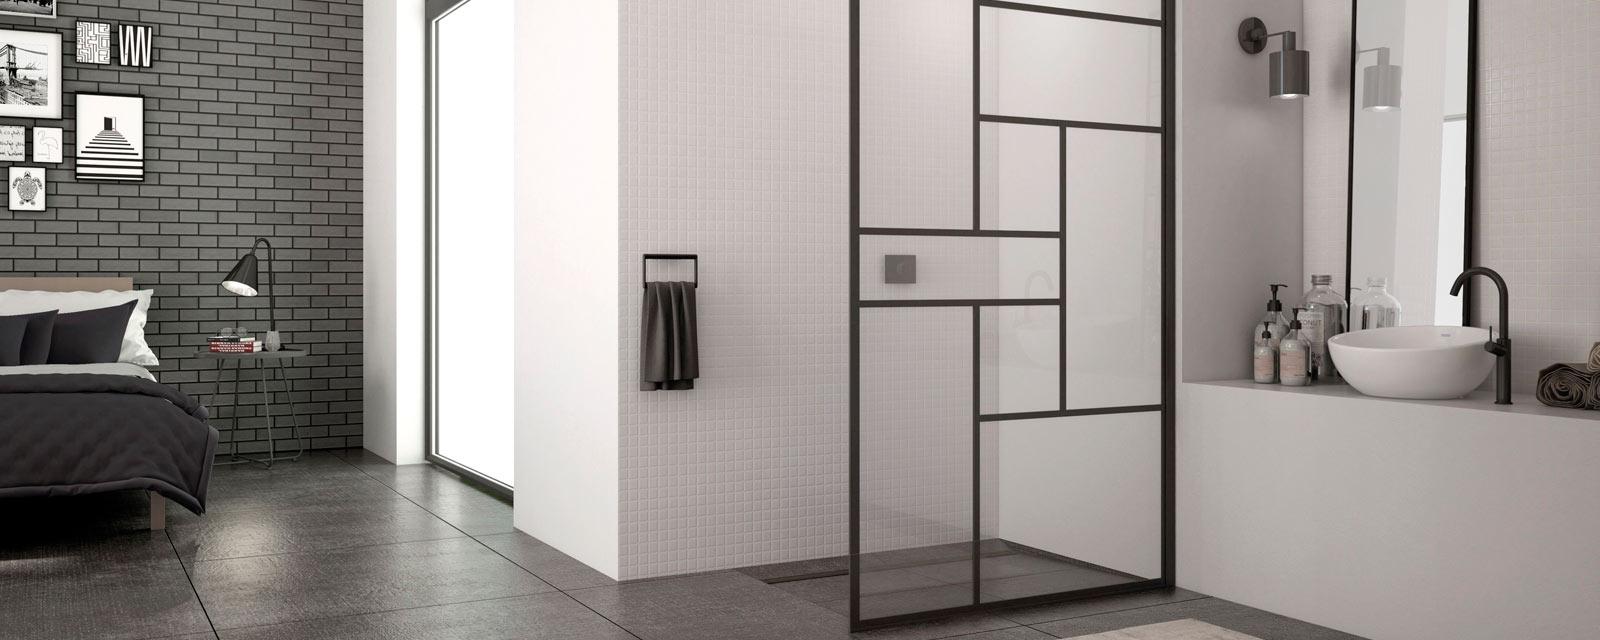 Espace Douche : Les Tendances Du Moment | Guide Artisan serapportantà Modele De Salle De Bain À L Italienne